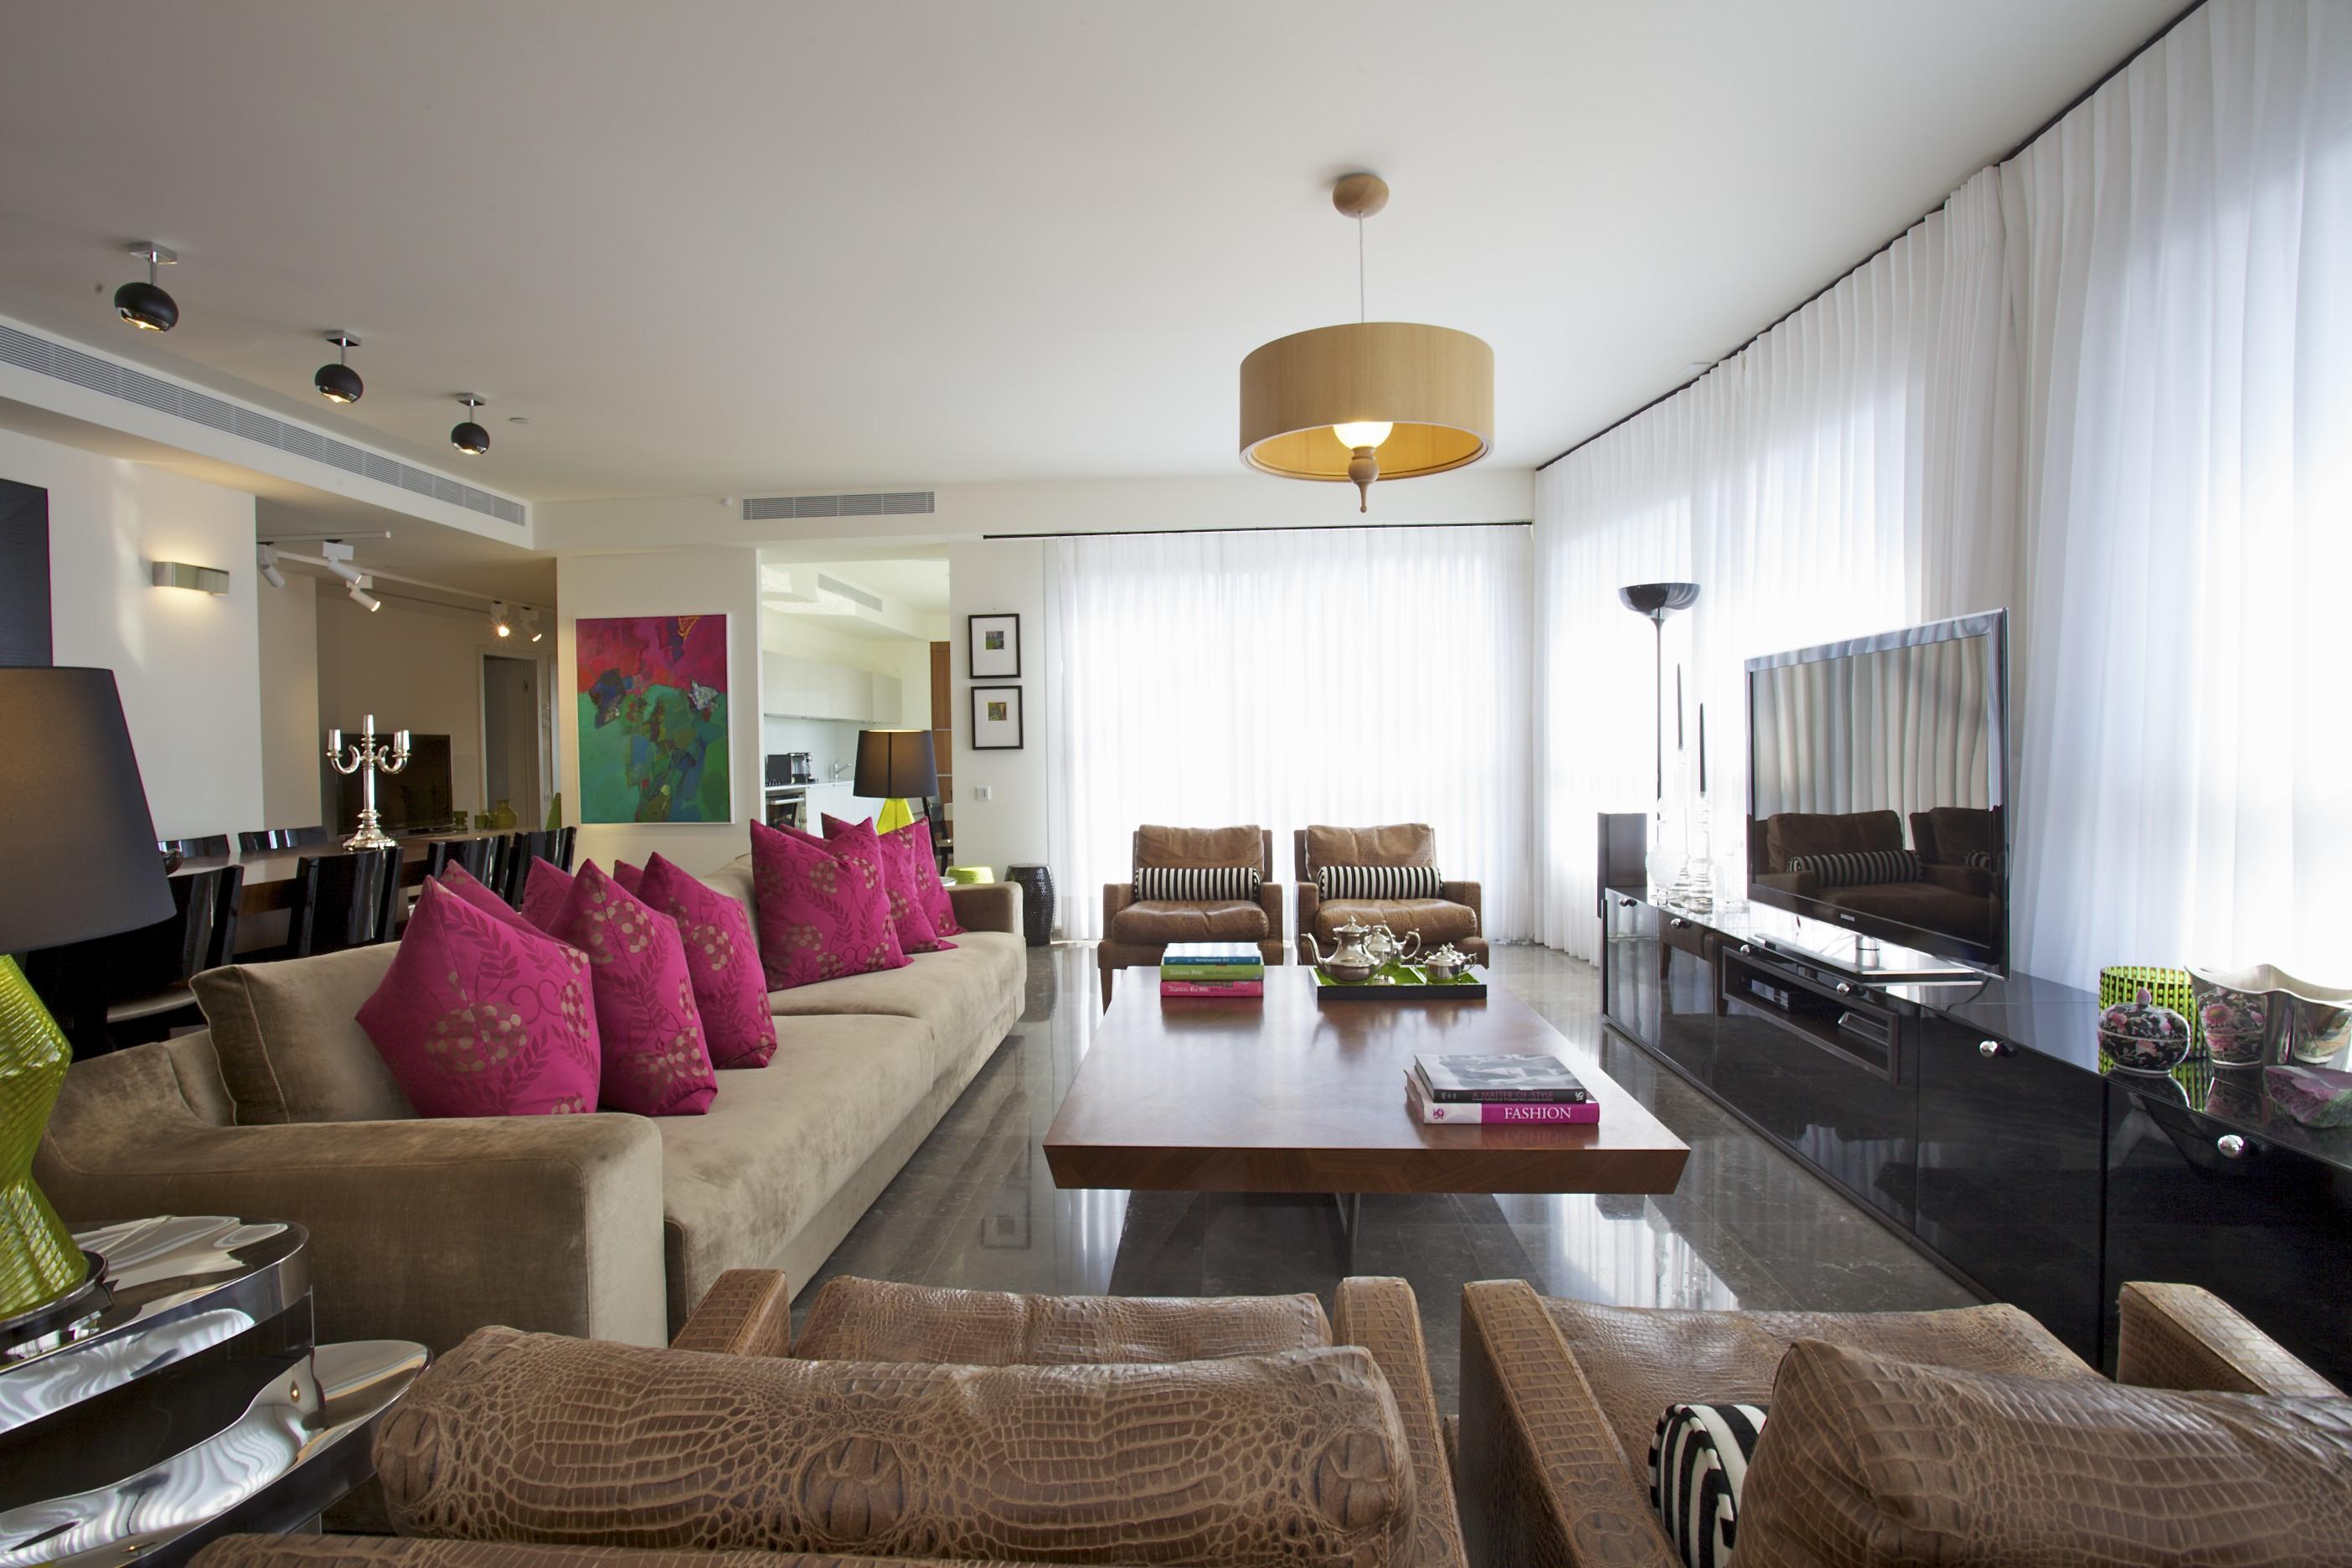 דירה במגדל YOO - חדר מגורים, מראה כללי